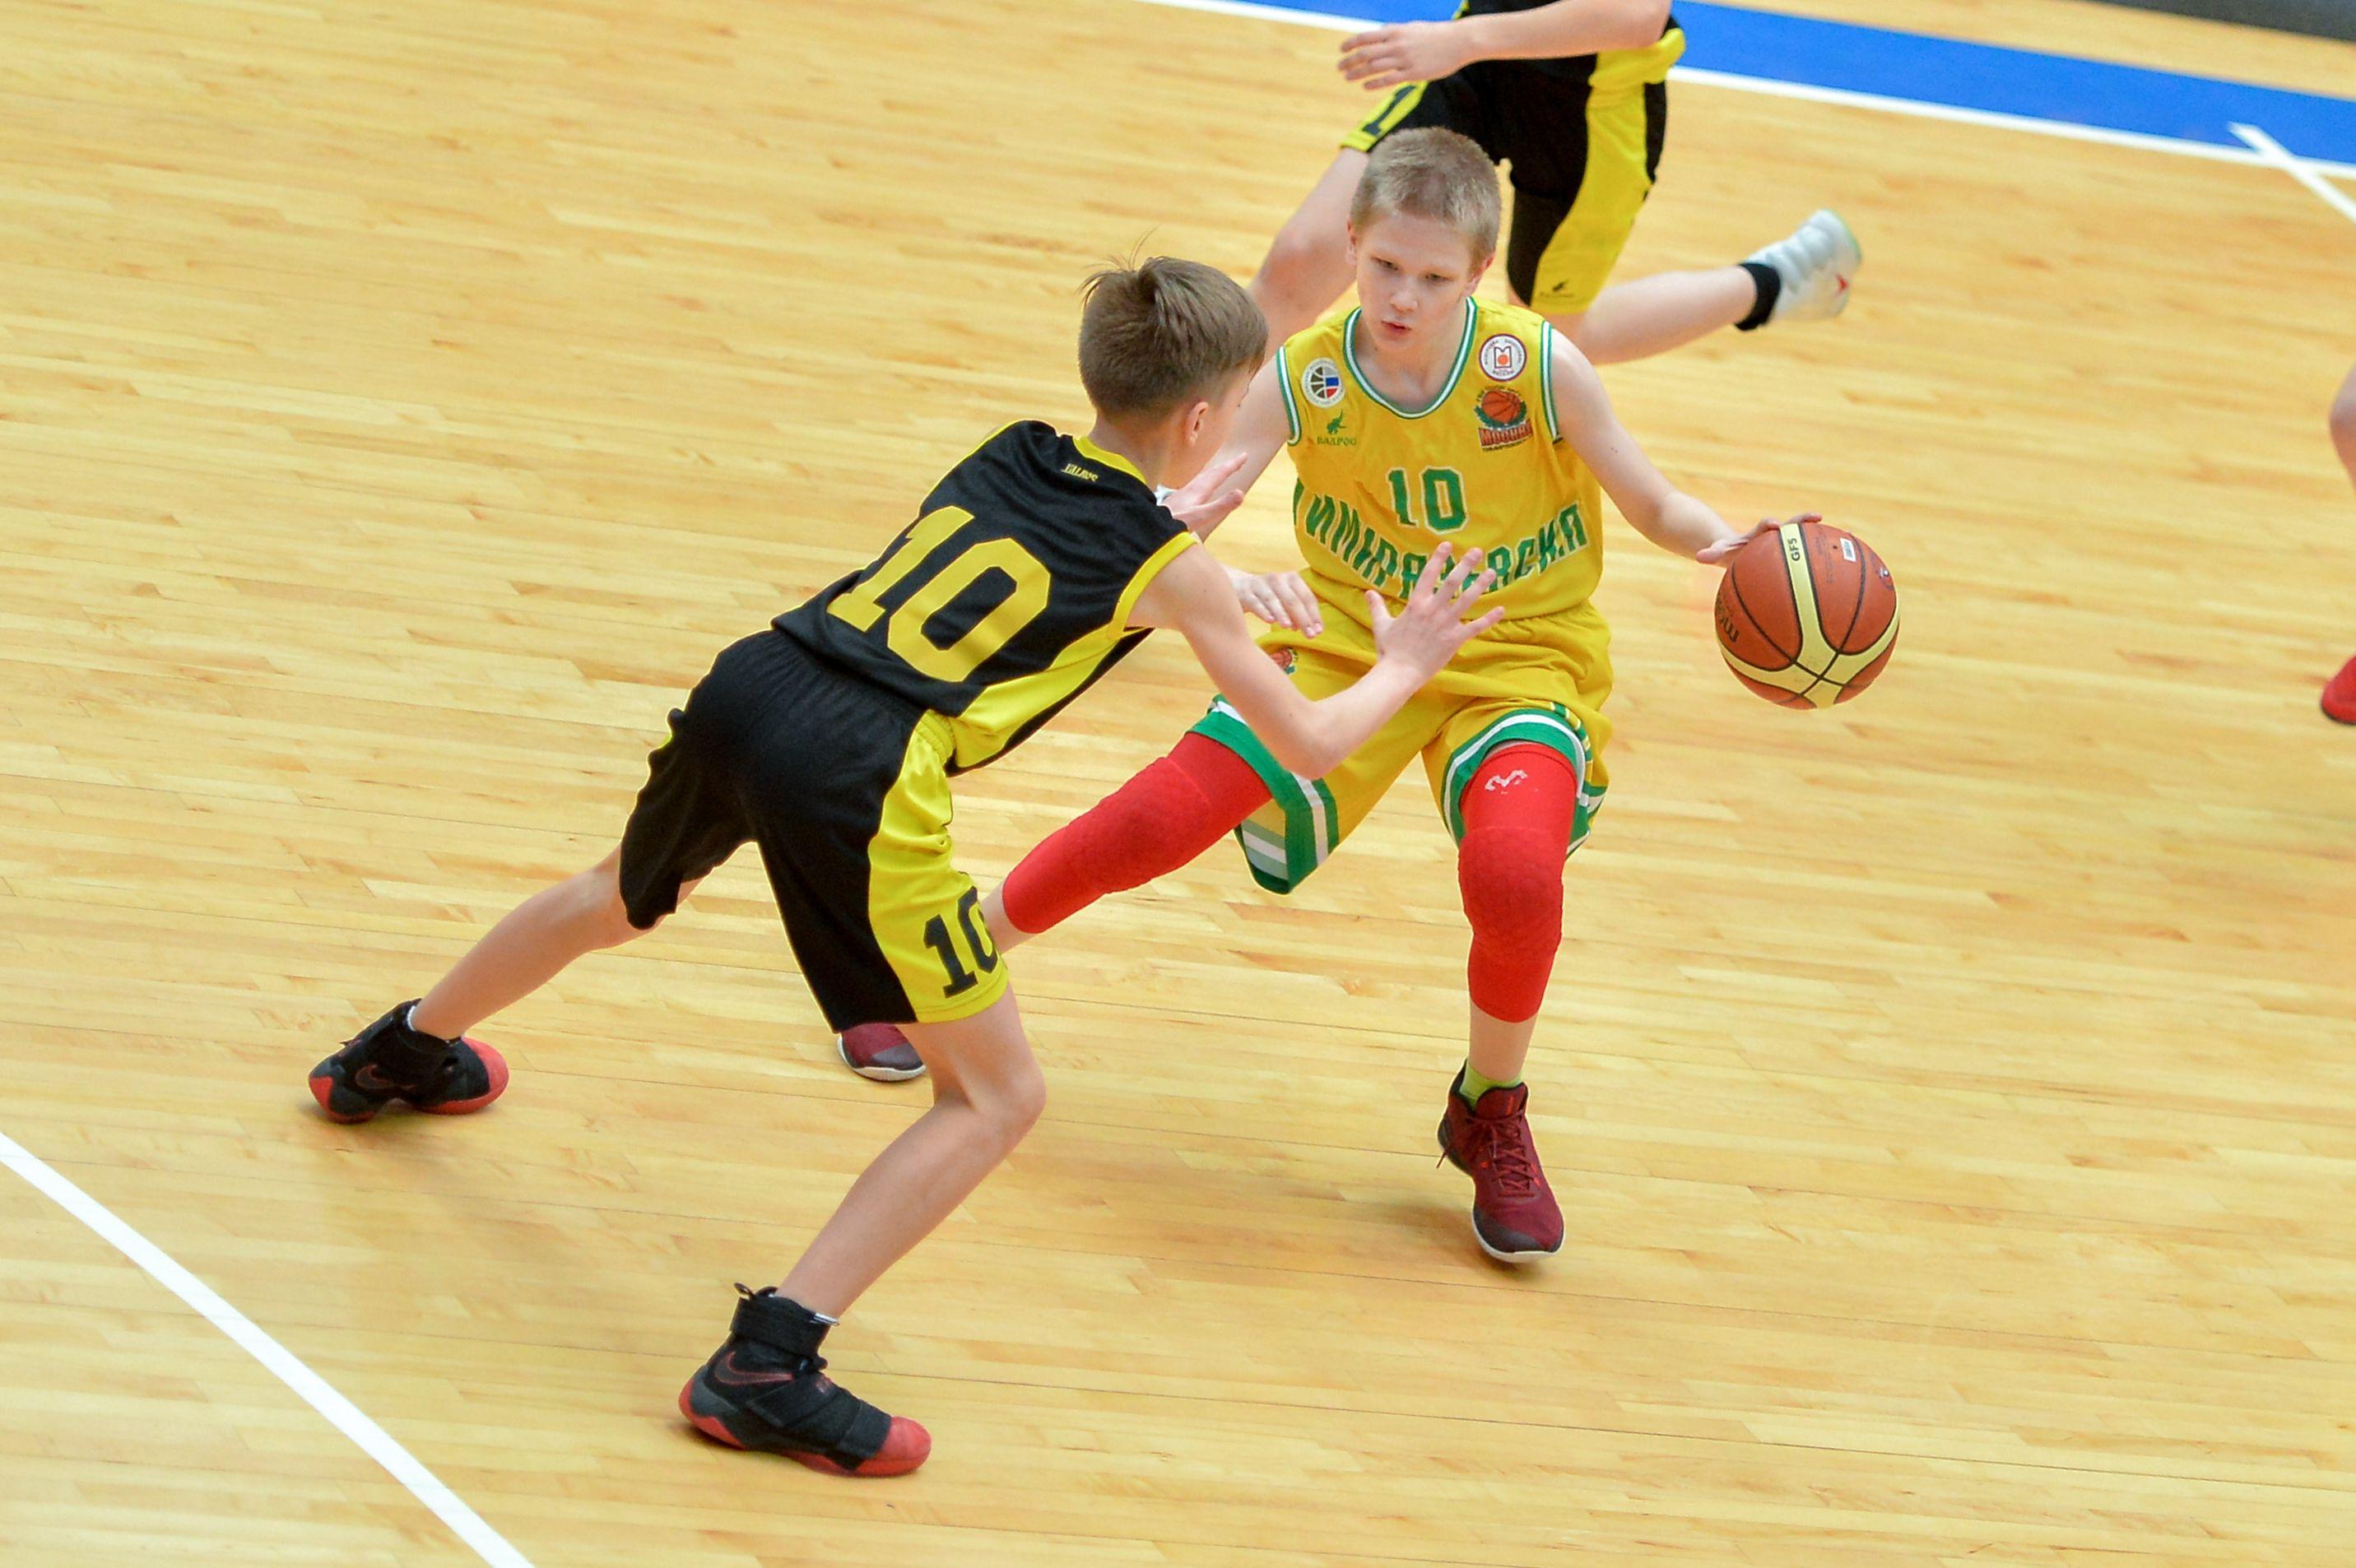 Турнир по баскетболу пройдет в Троицке